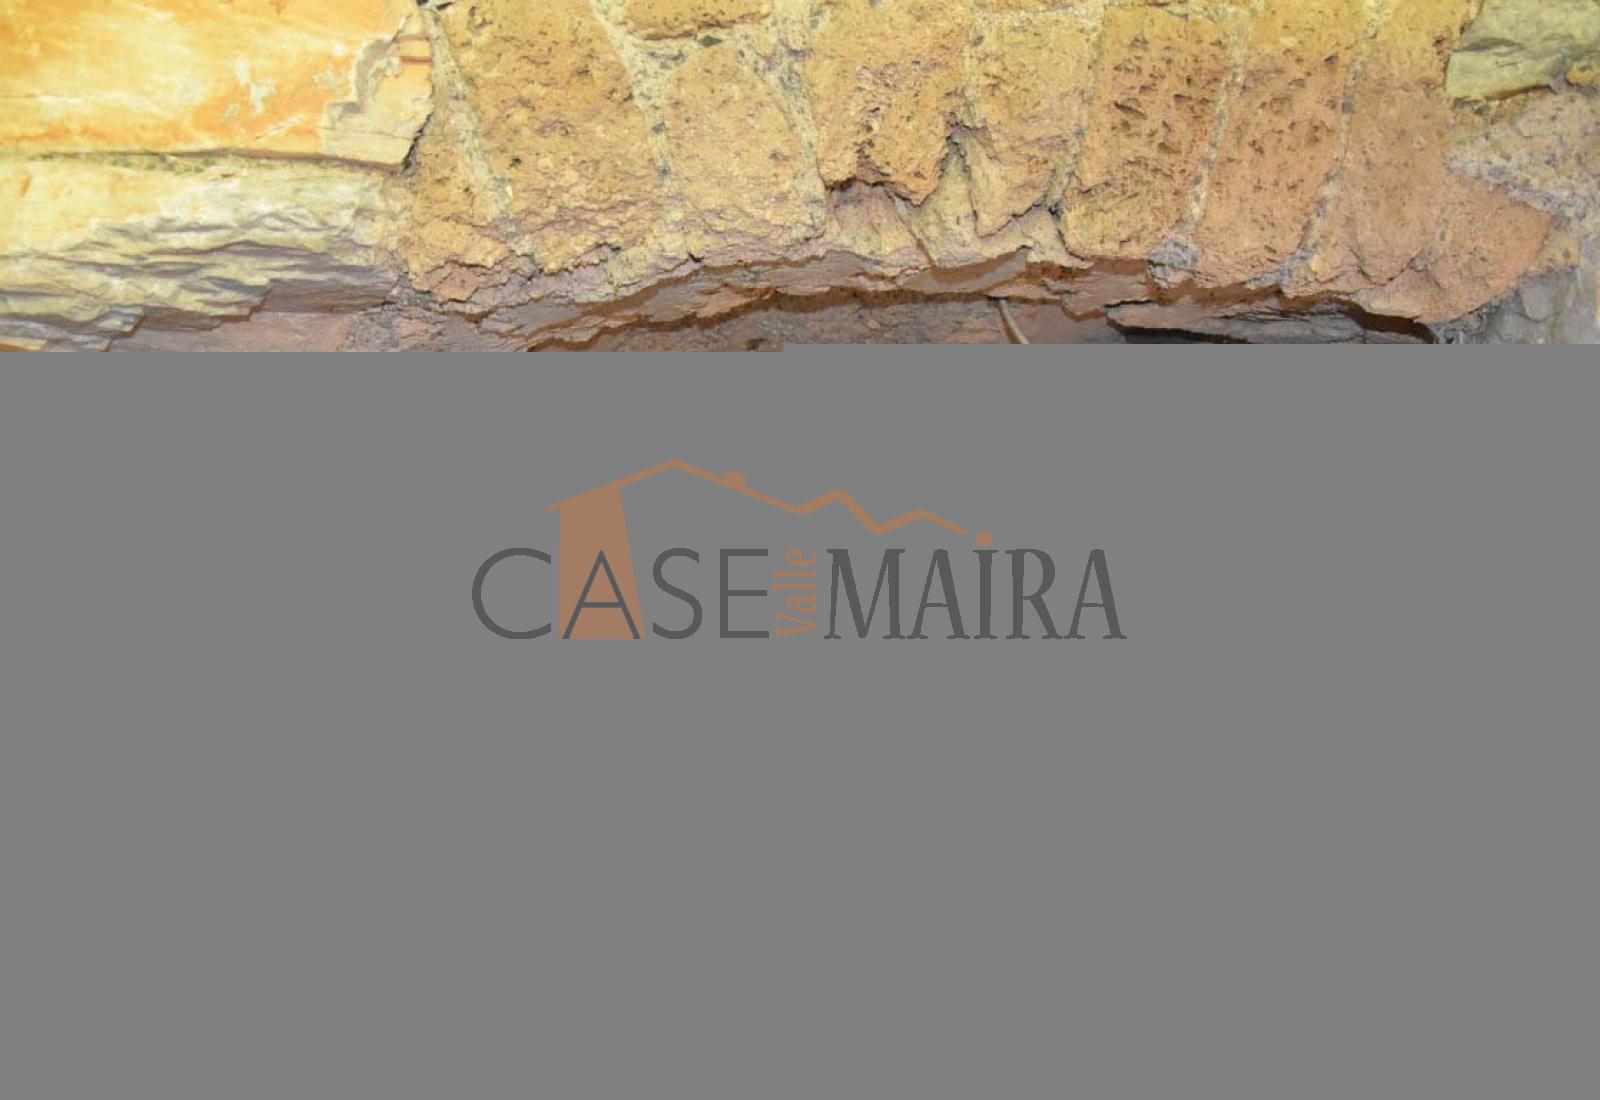 Frazione Tetti - Borgata Fatiga, DRONERO, 2 Stanze da Letto Stanze da Letto, ,Casa,In vendita,Frazione Tetti - Borgata Fatiga,1030